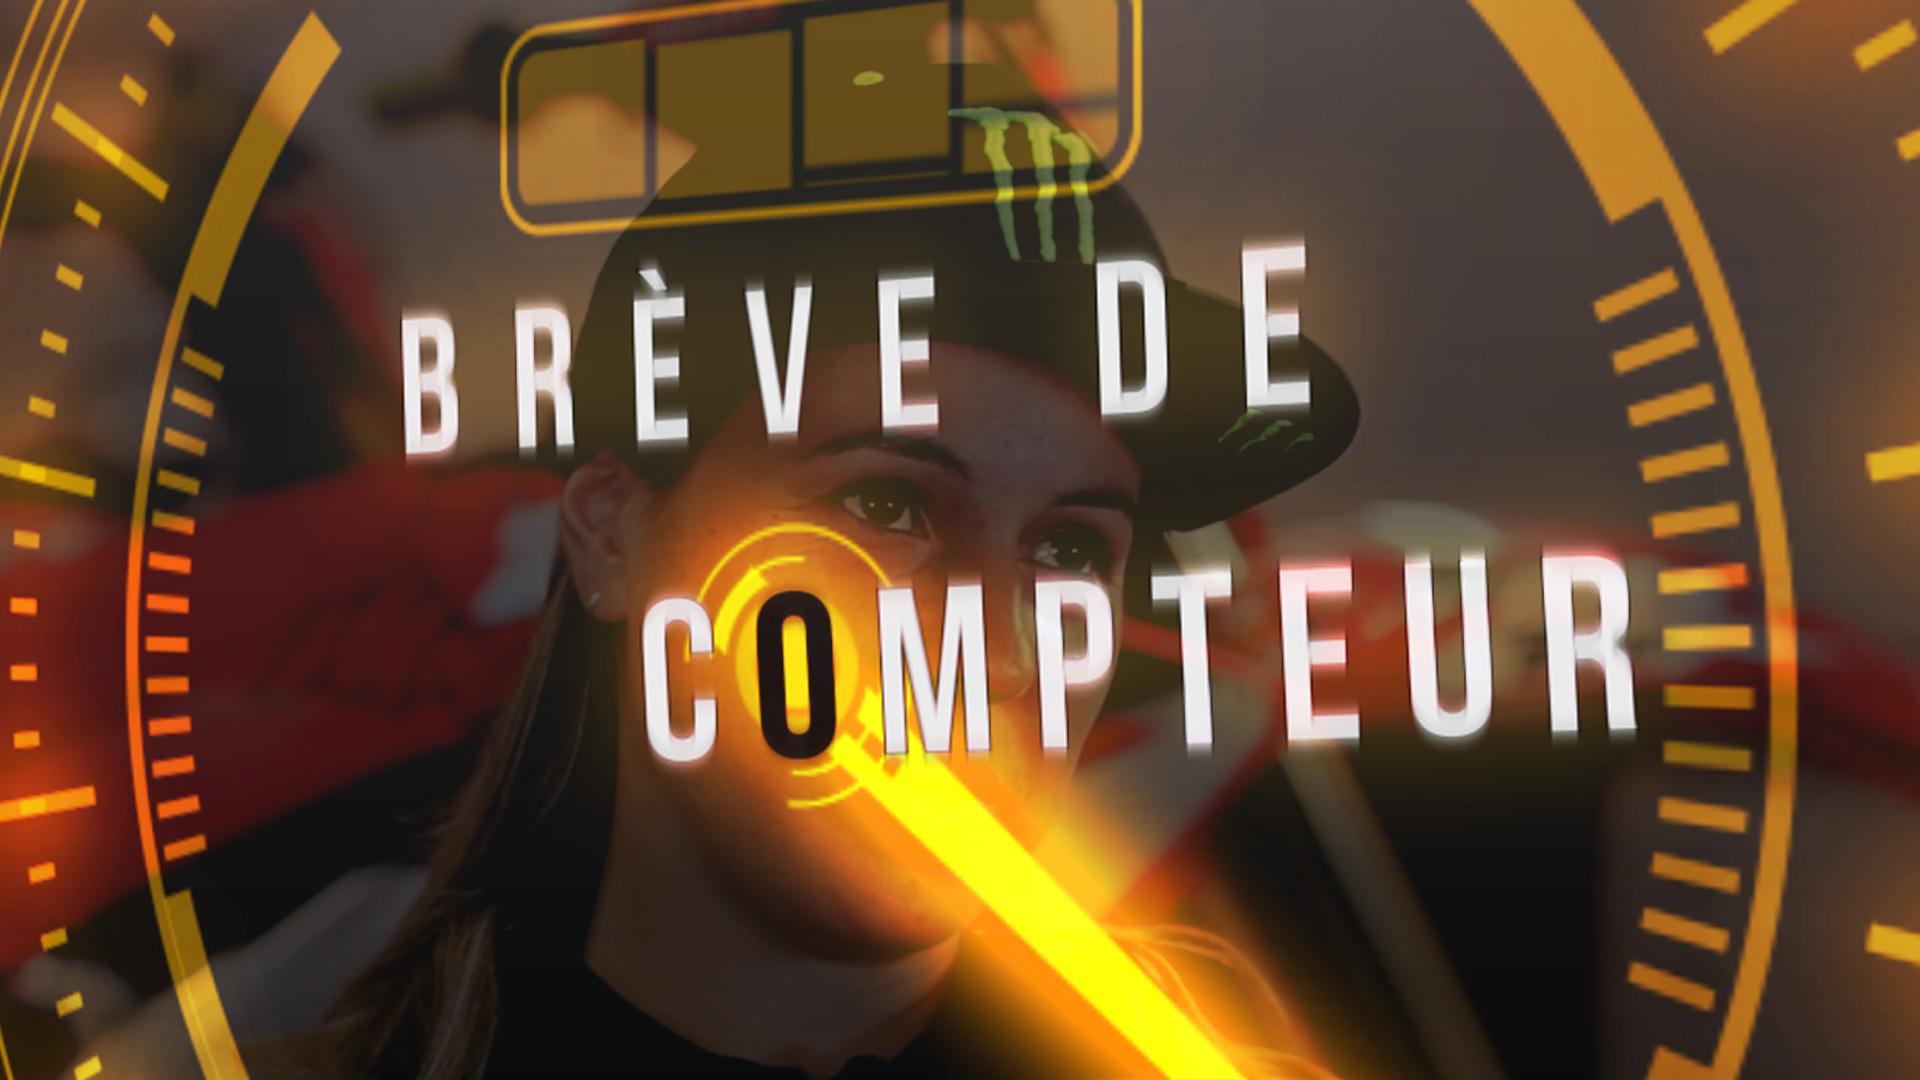 Brève de compteur Livia Lancelot by La Bécanerie